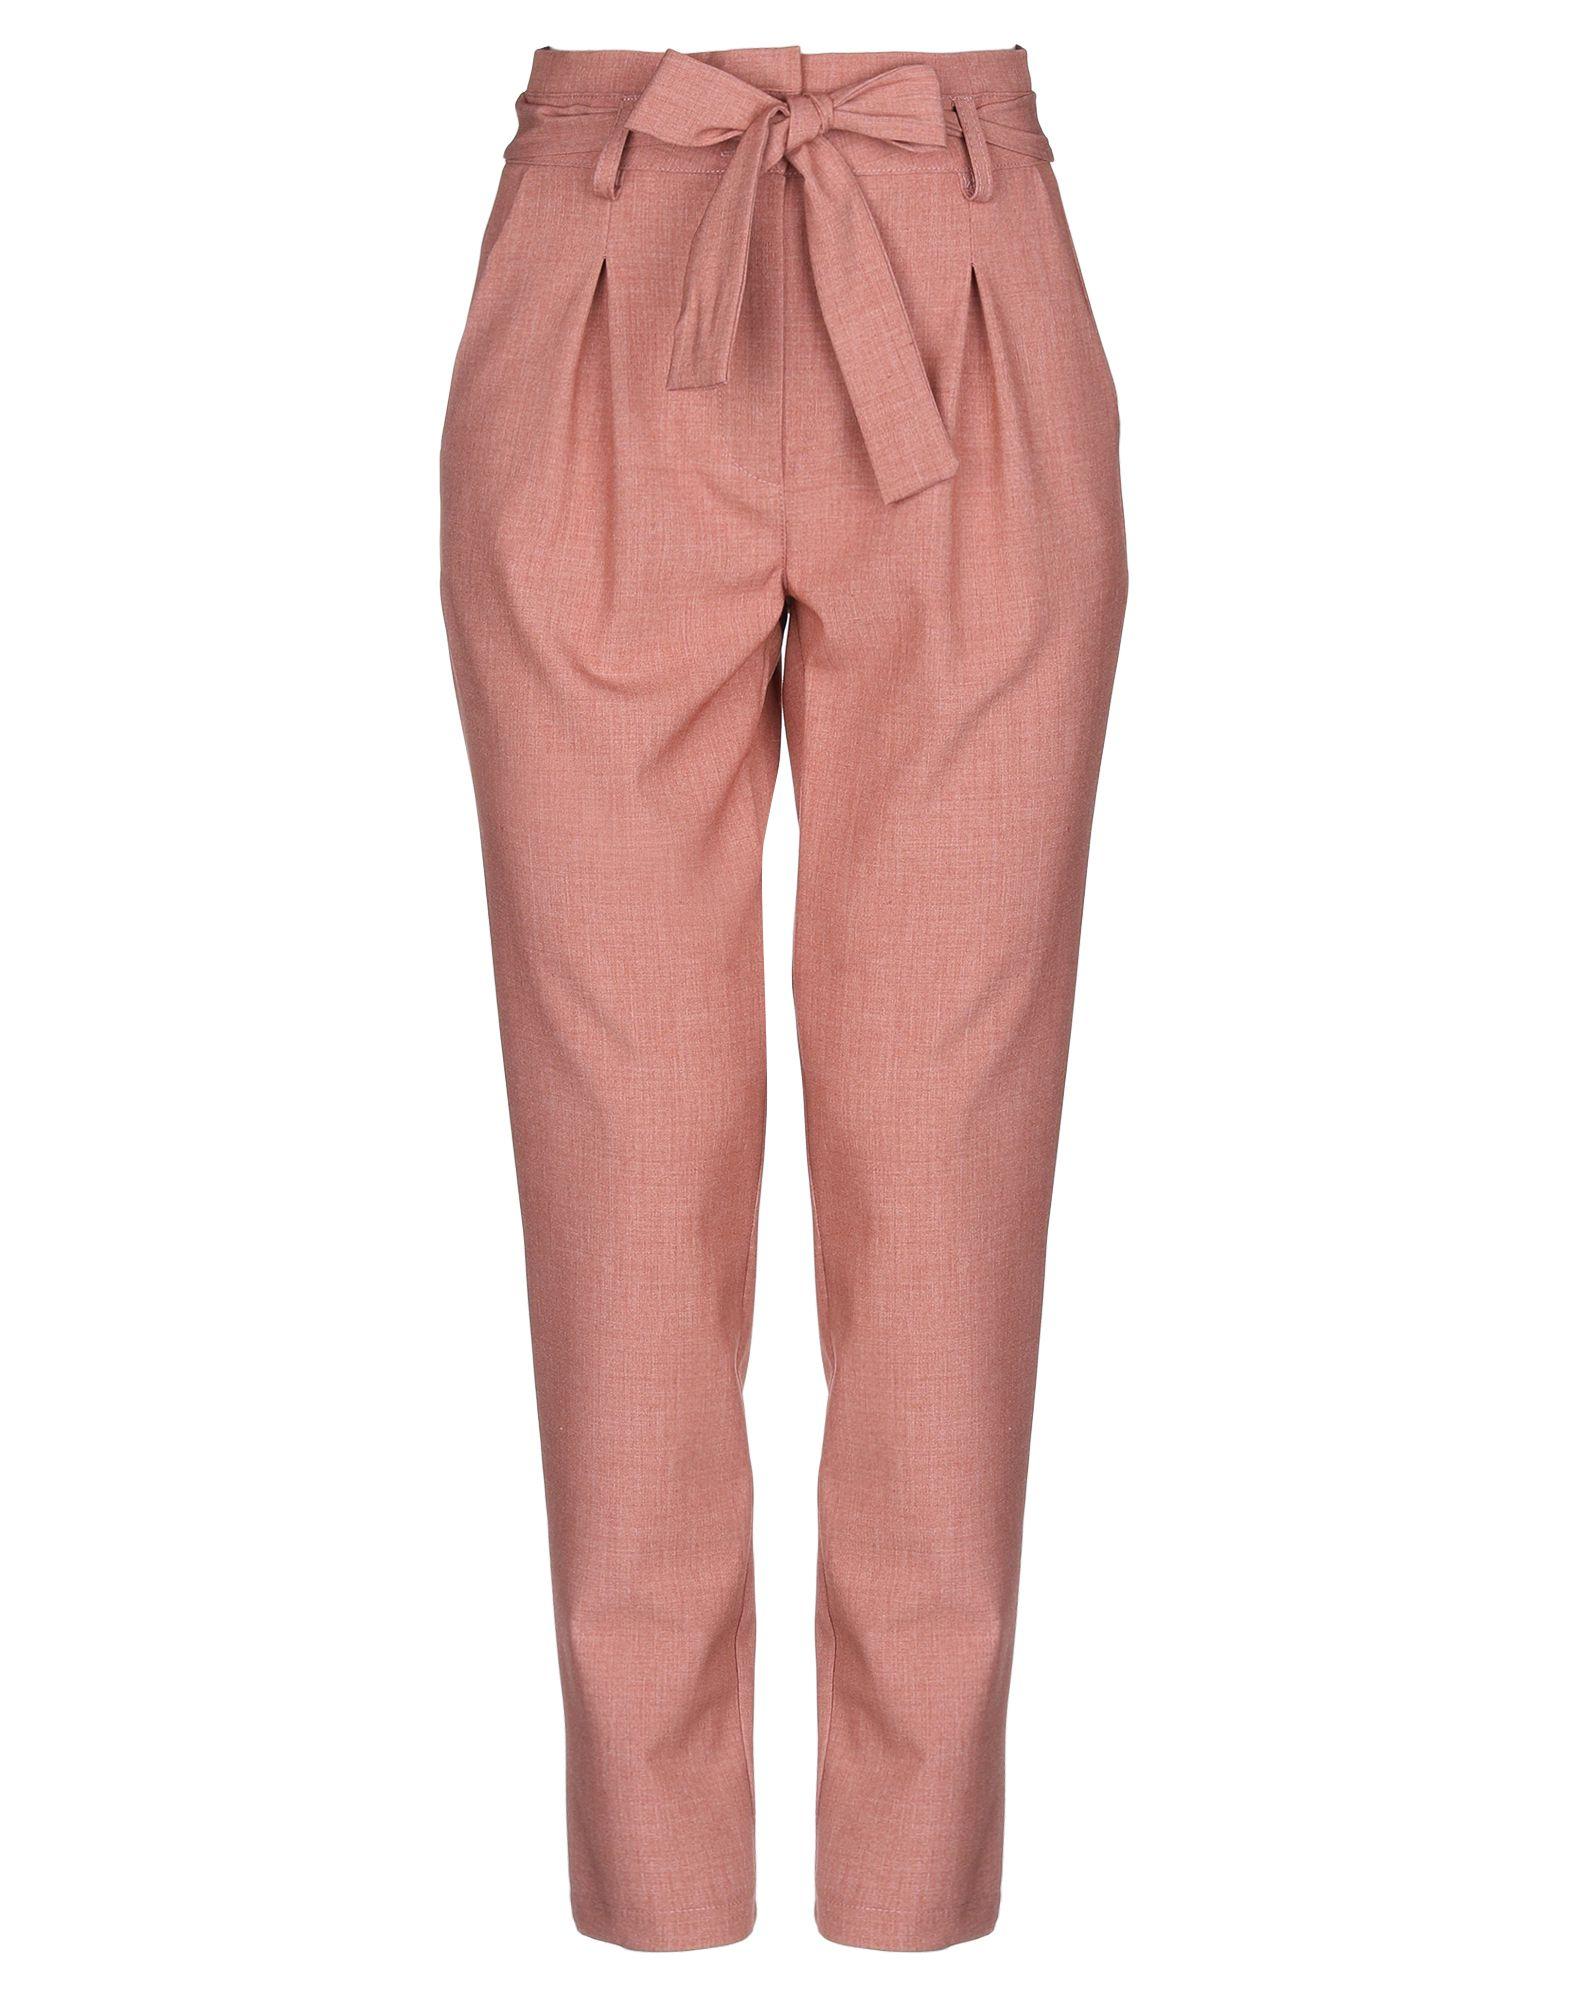 PAOLA PRATA Повседневные брюки брюки paola klingel цвет сливовый